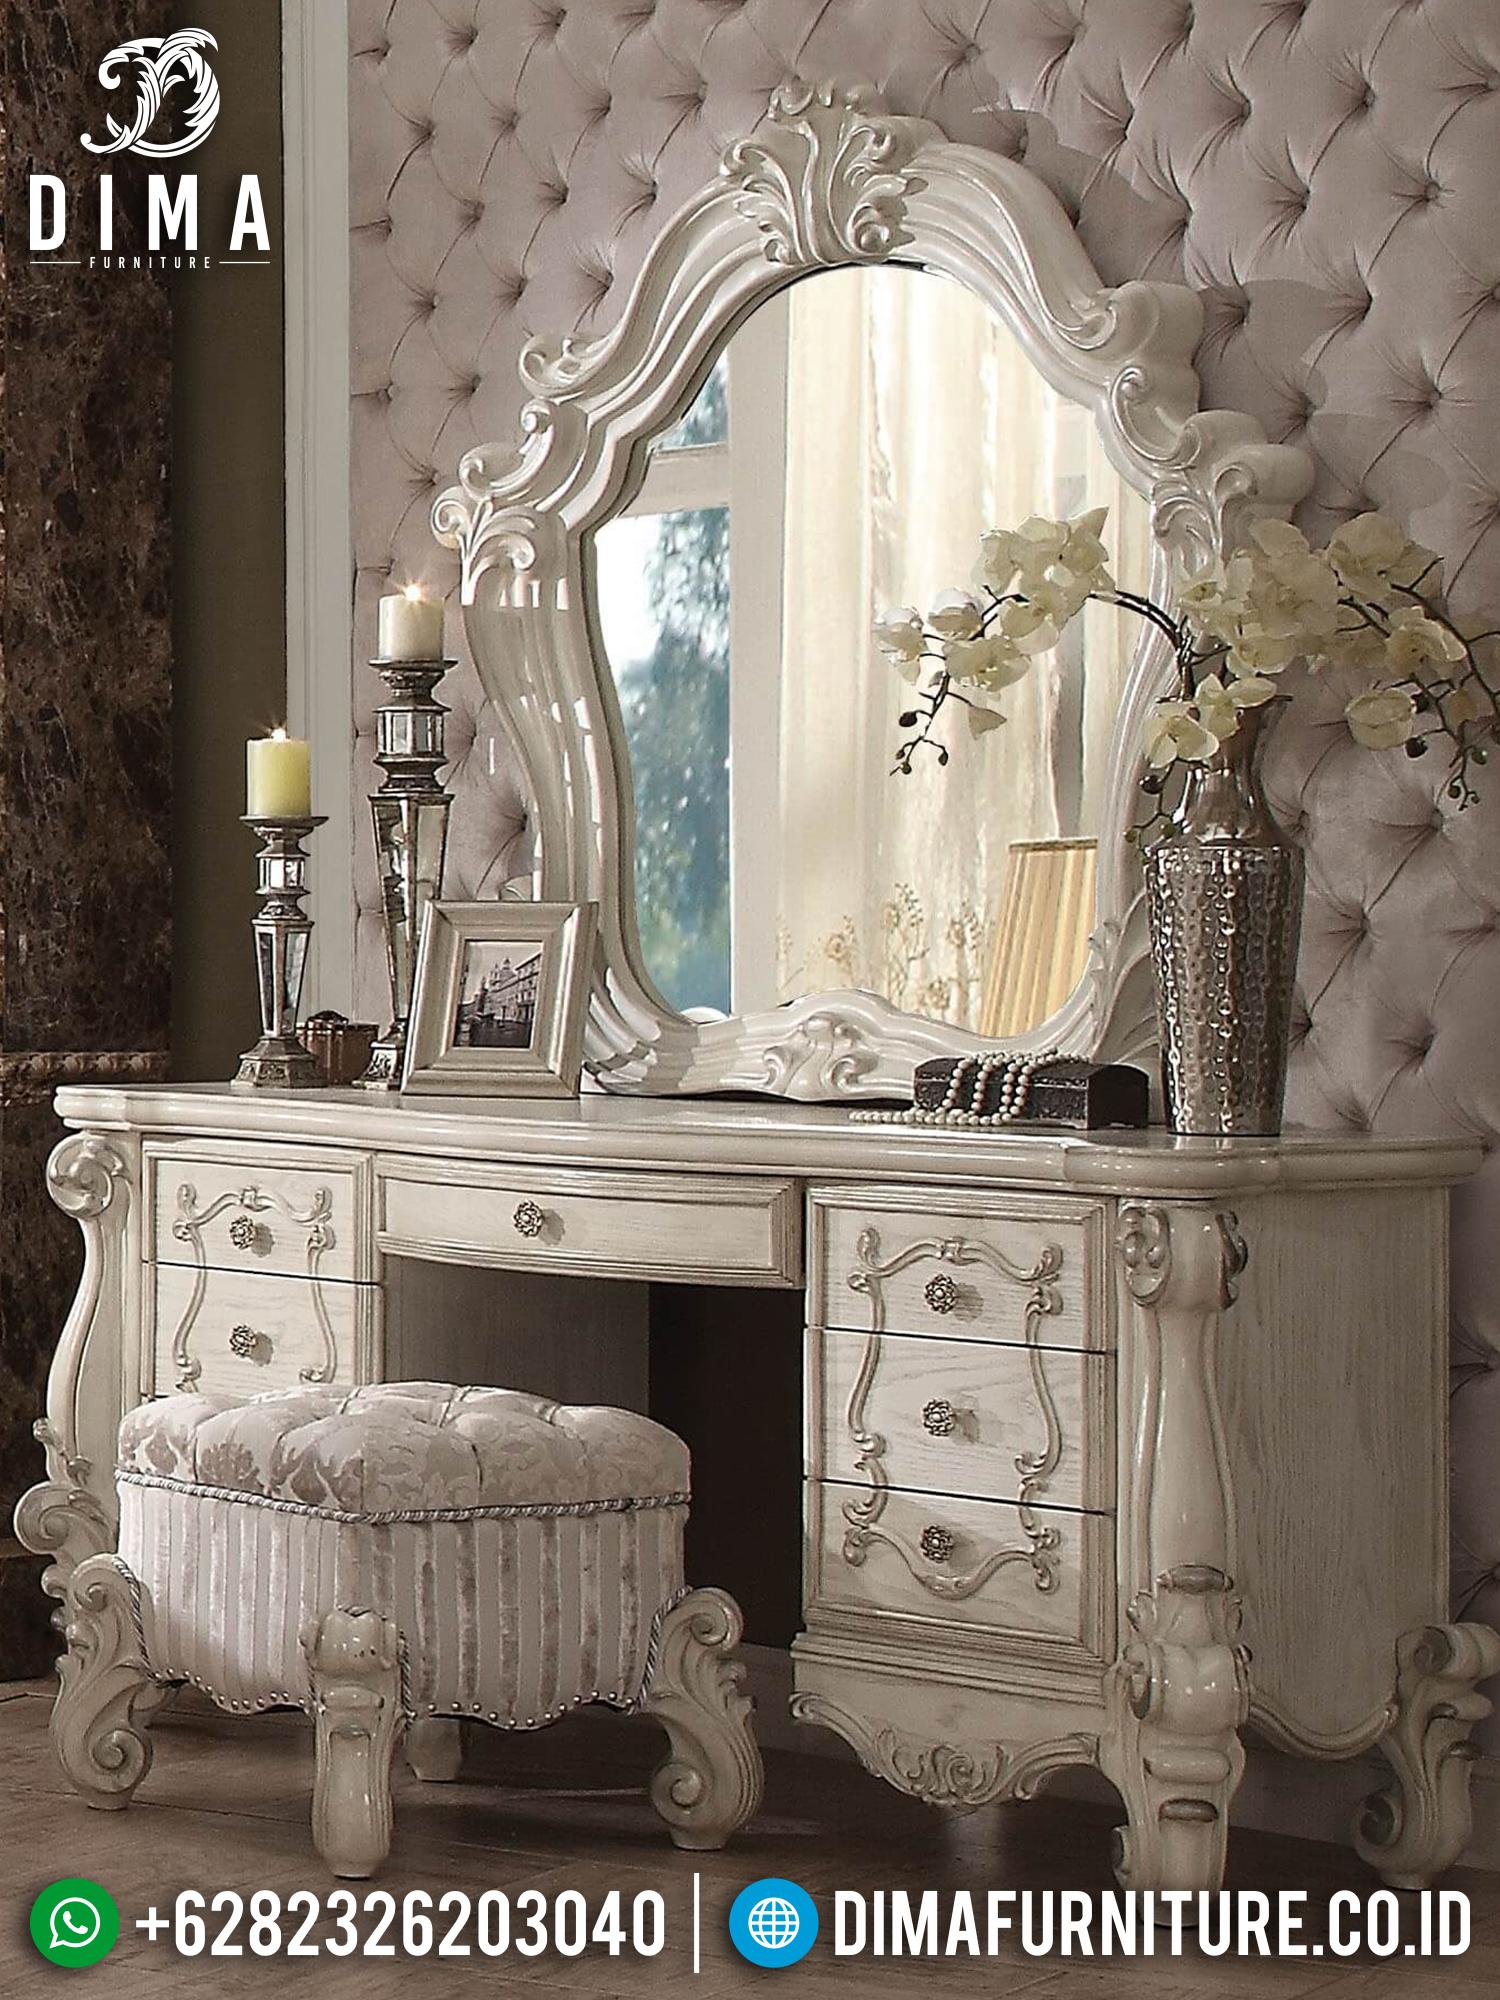 Furniture Meja Rias Jepara Luxury Classic Carving White Art Deco BT-0898